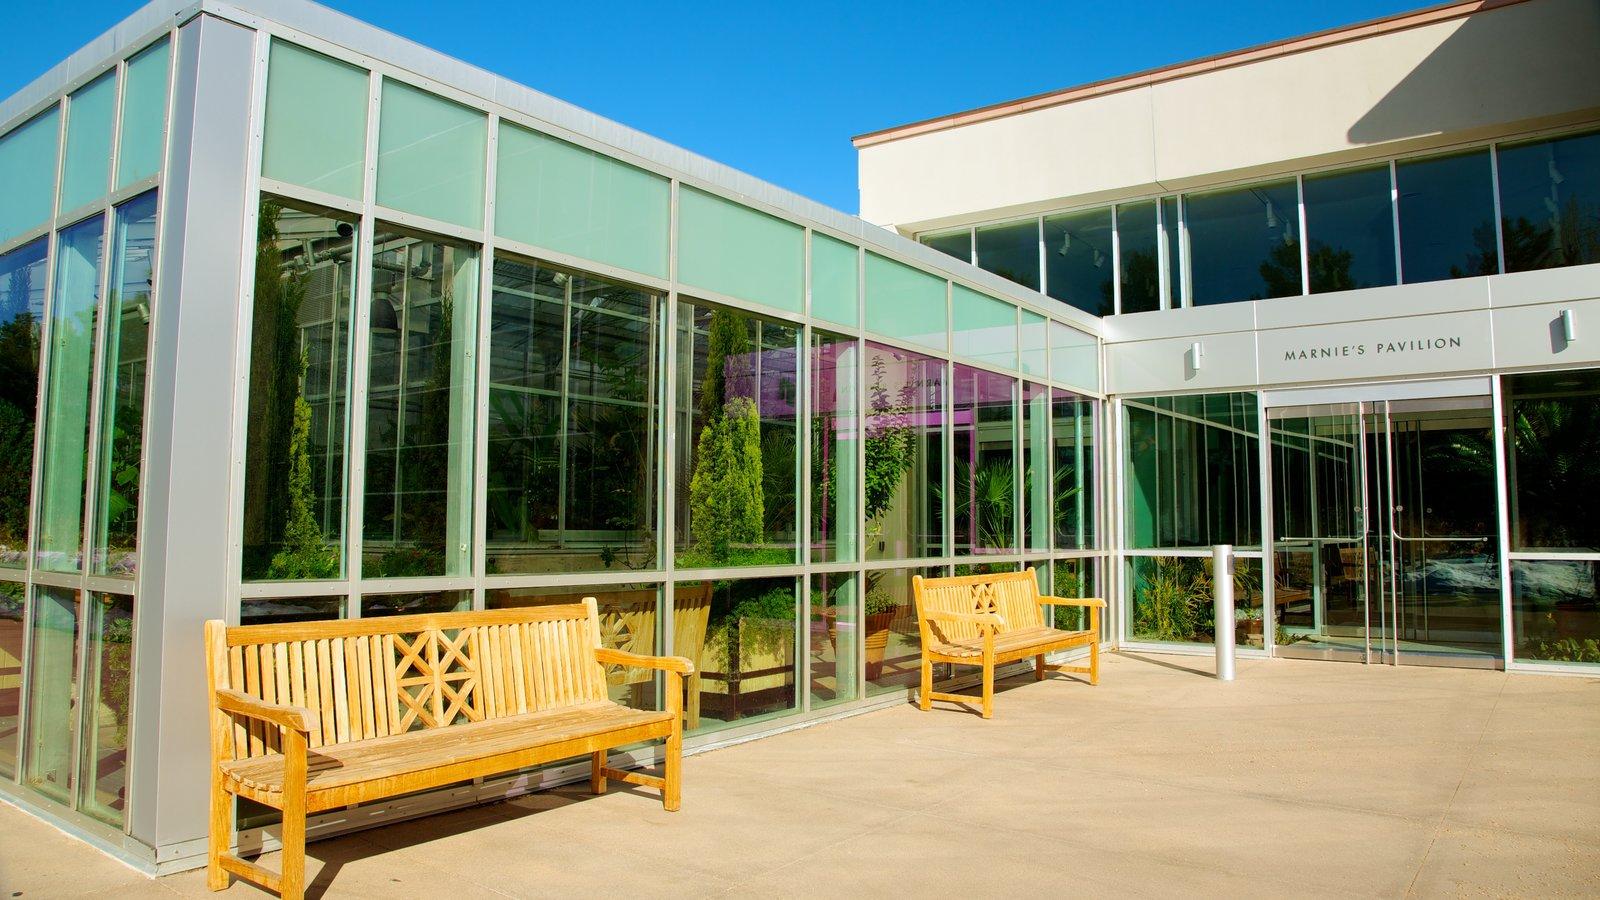 Denver Botanic Gardens Showing Modern Architecture